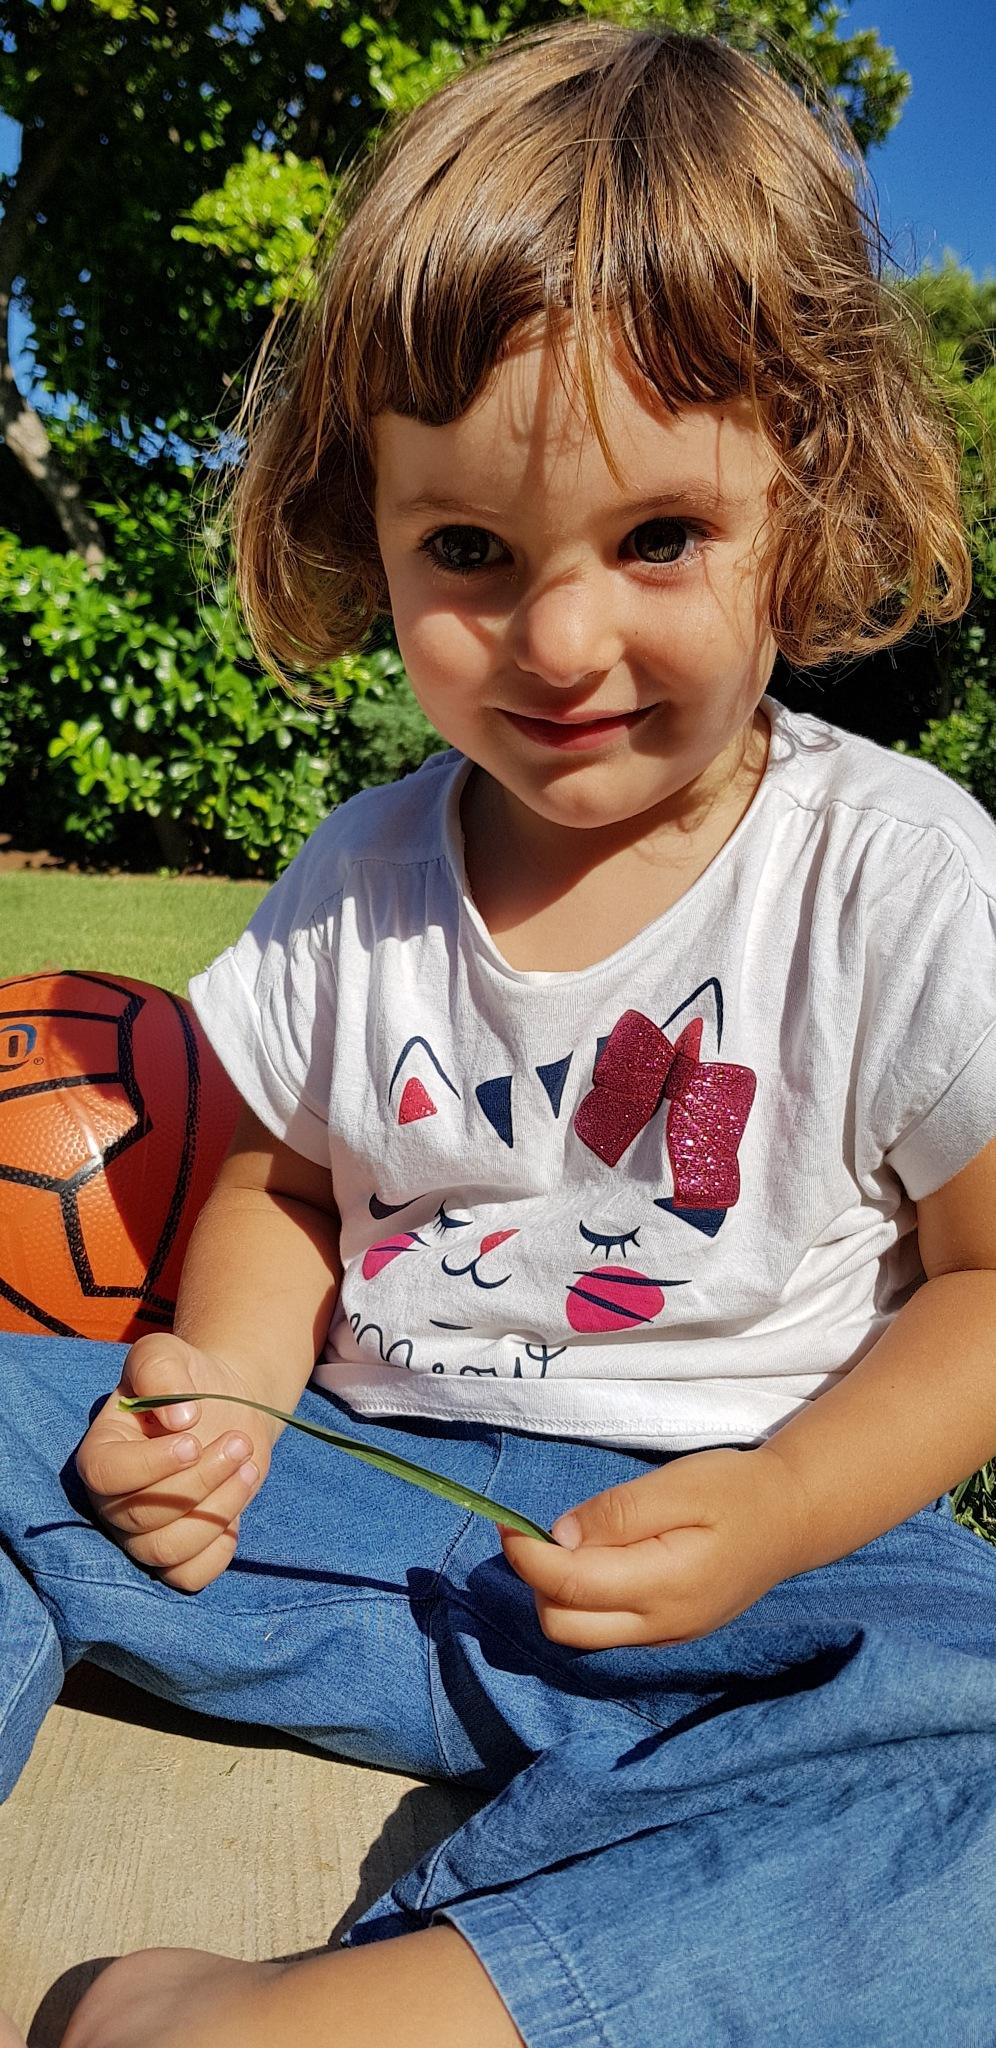 Little thinker by gianni marra campanale